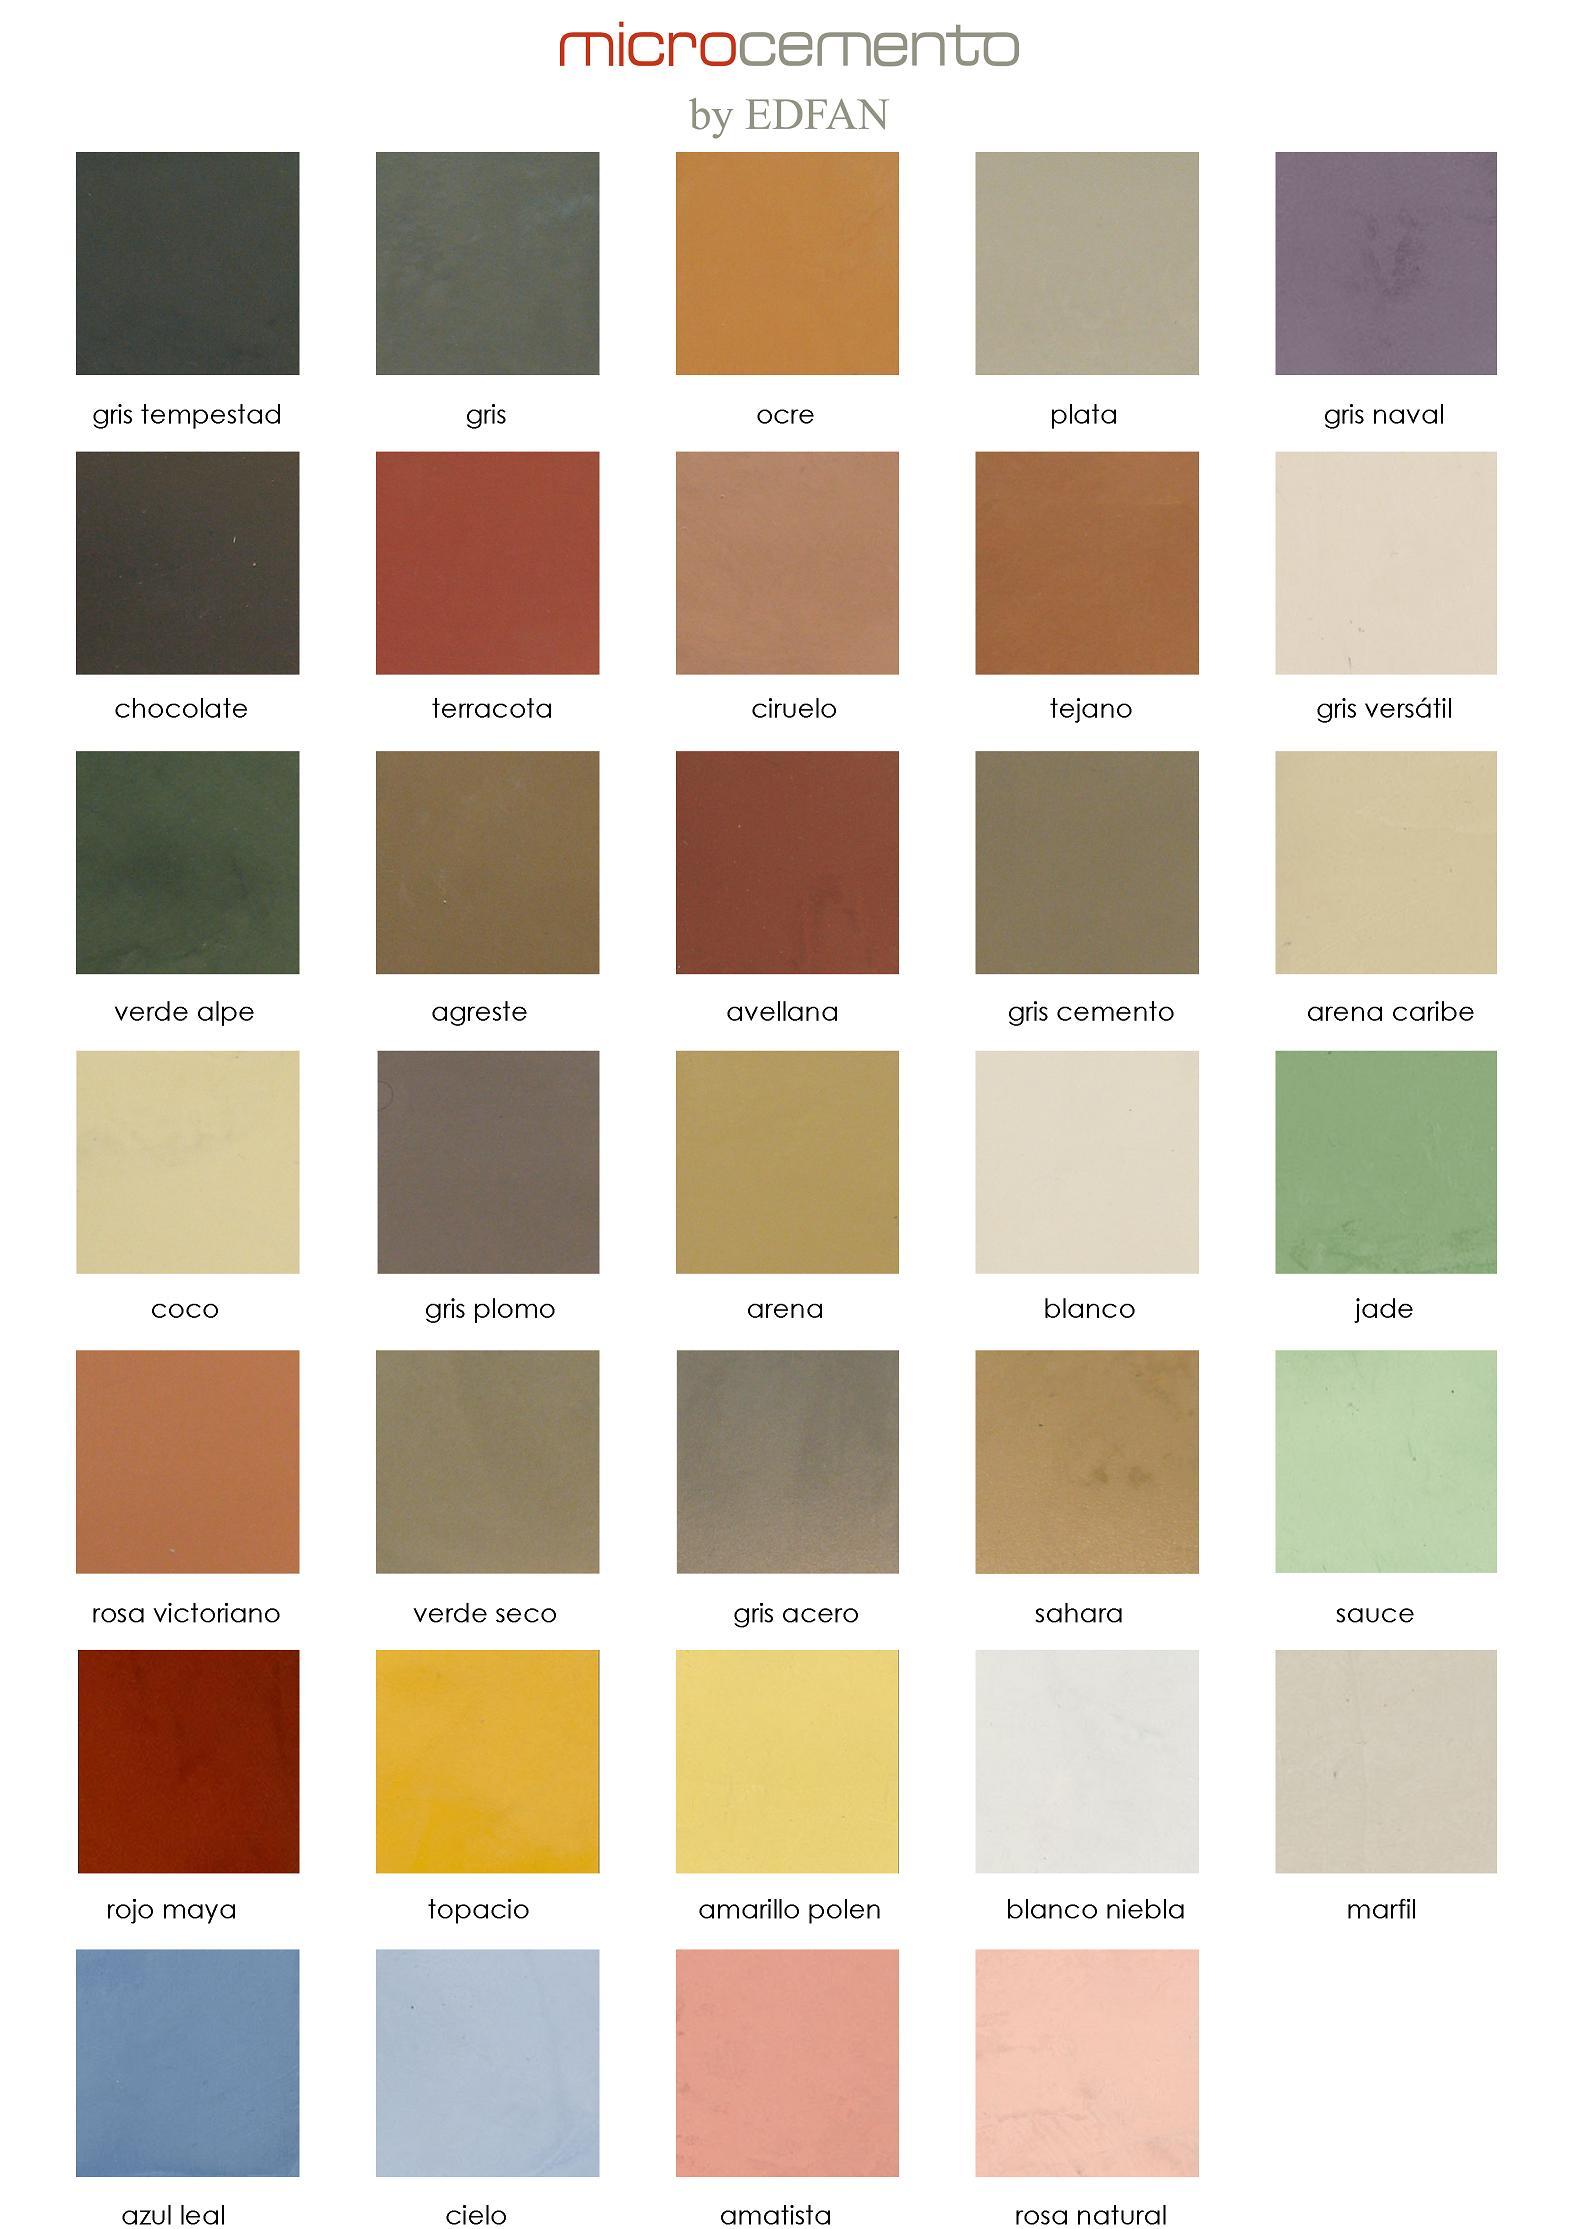 Microcemento marfil sevilla - Colores para paredes exteriores casa ...